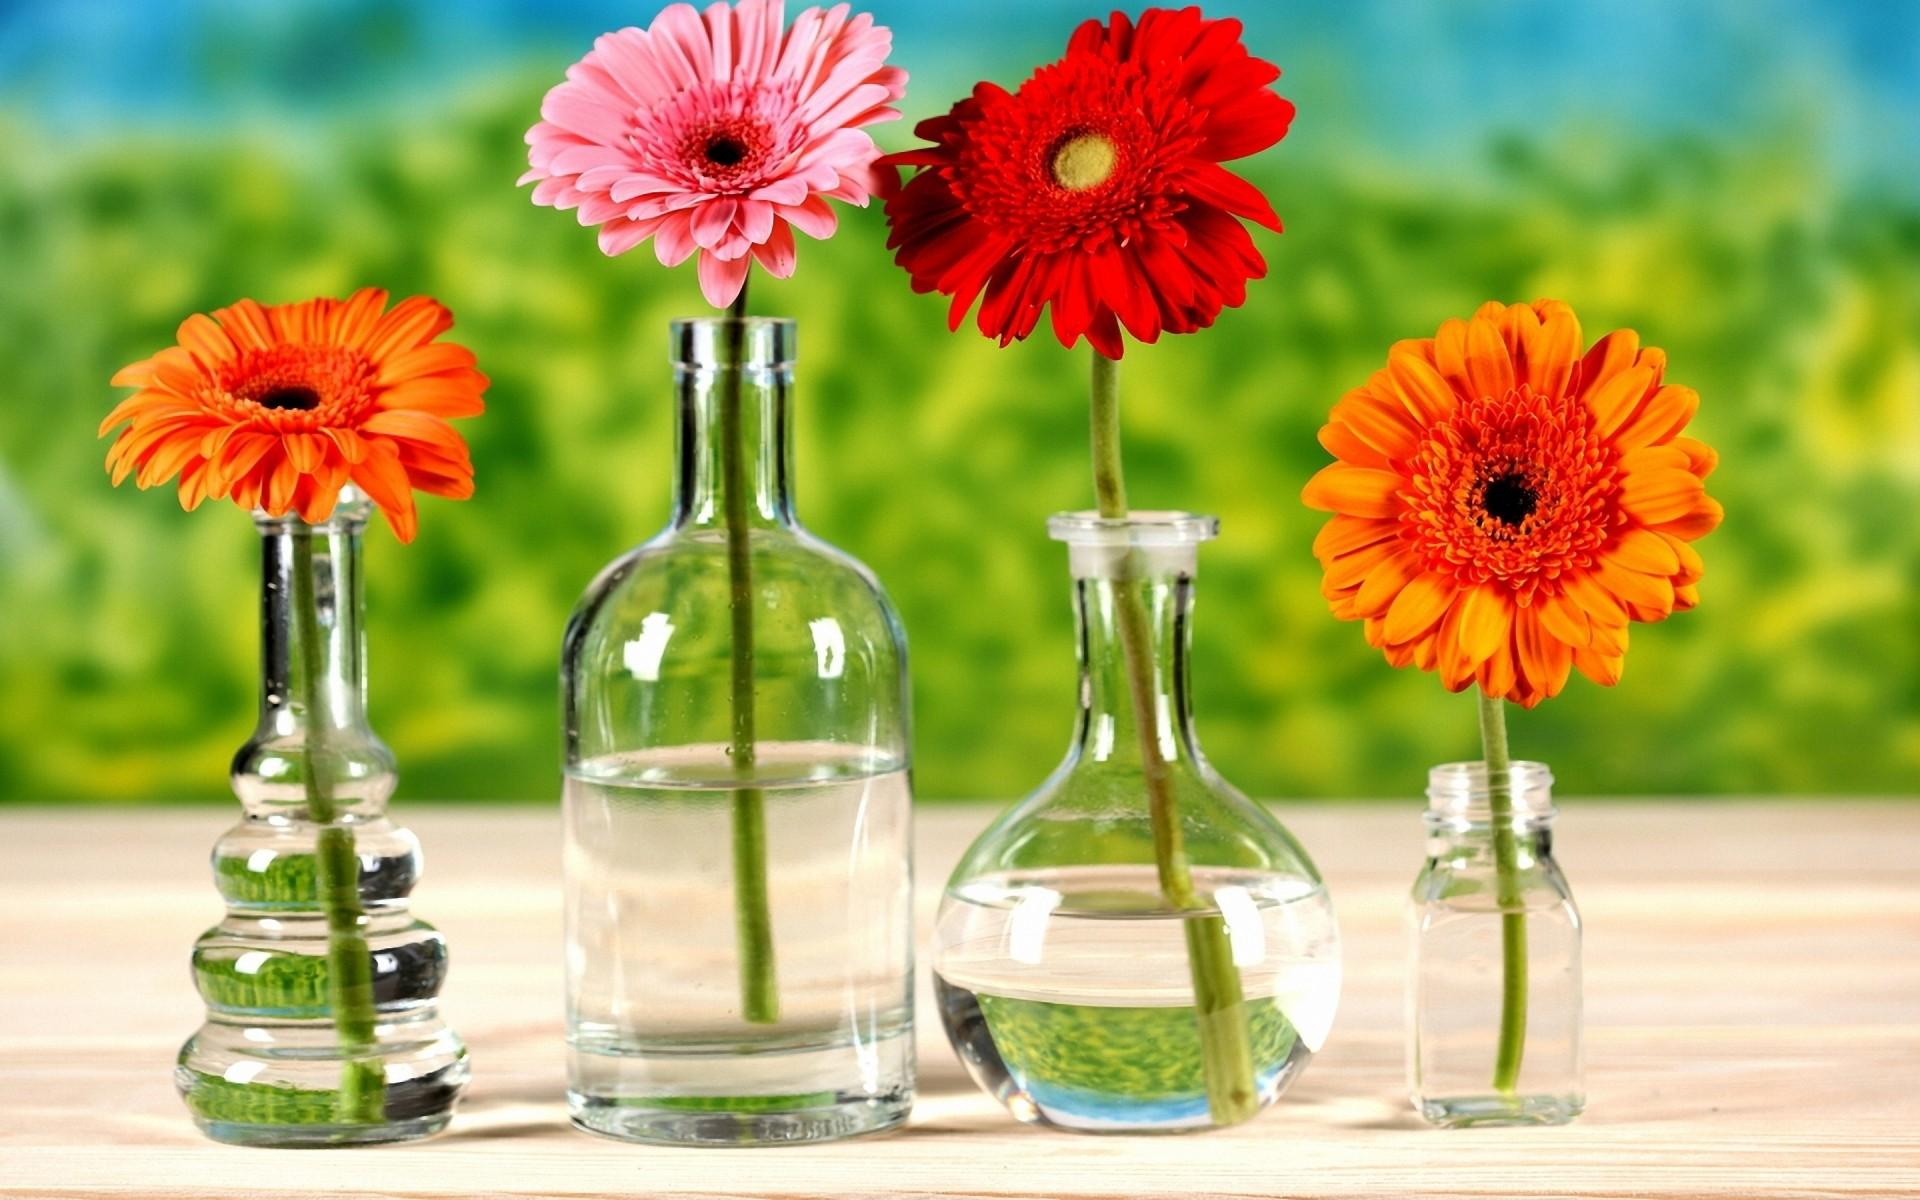 Как выглядит ваза с желтым цветком в аватарии фото